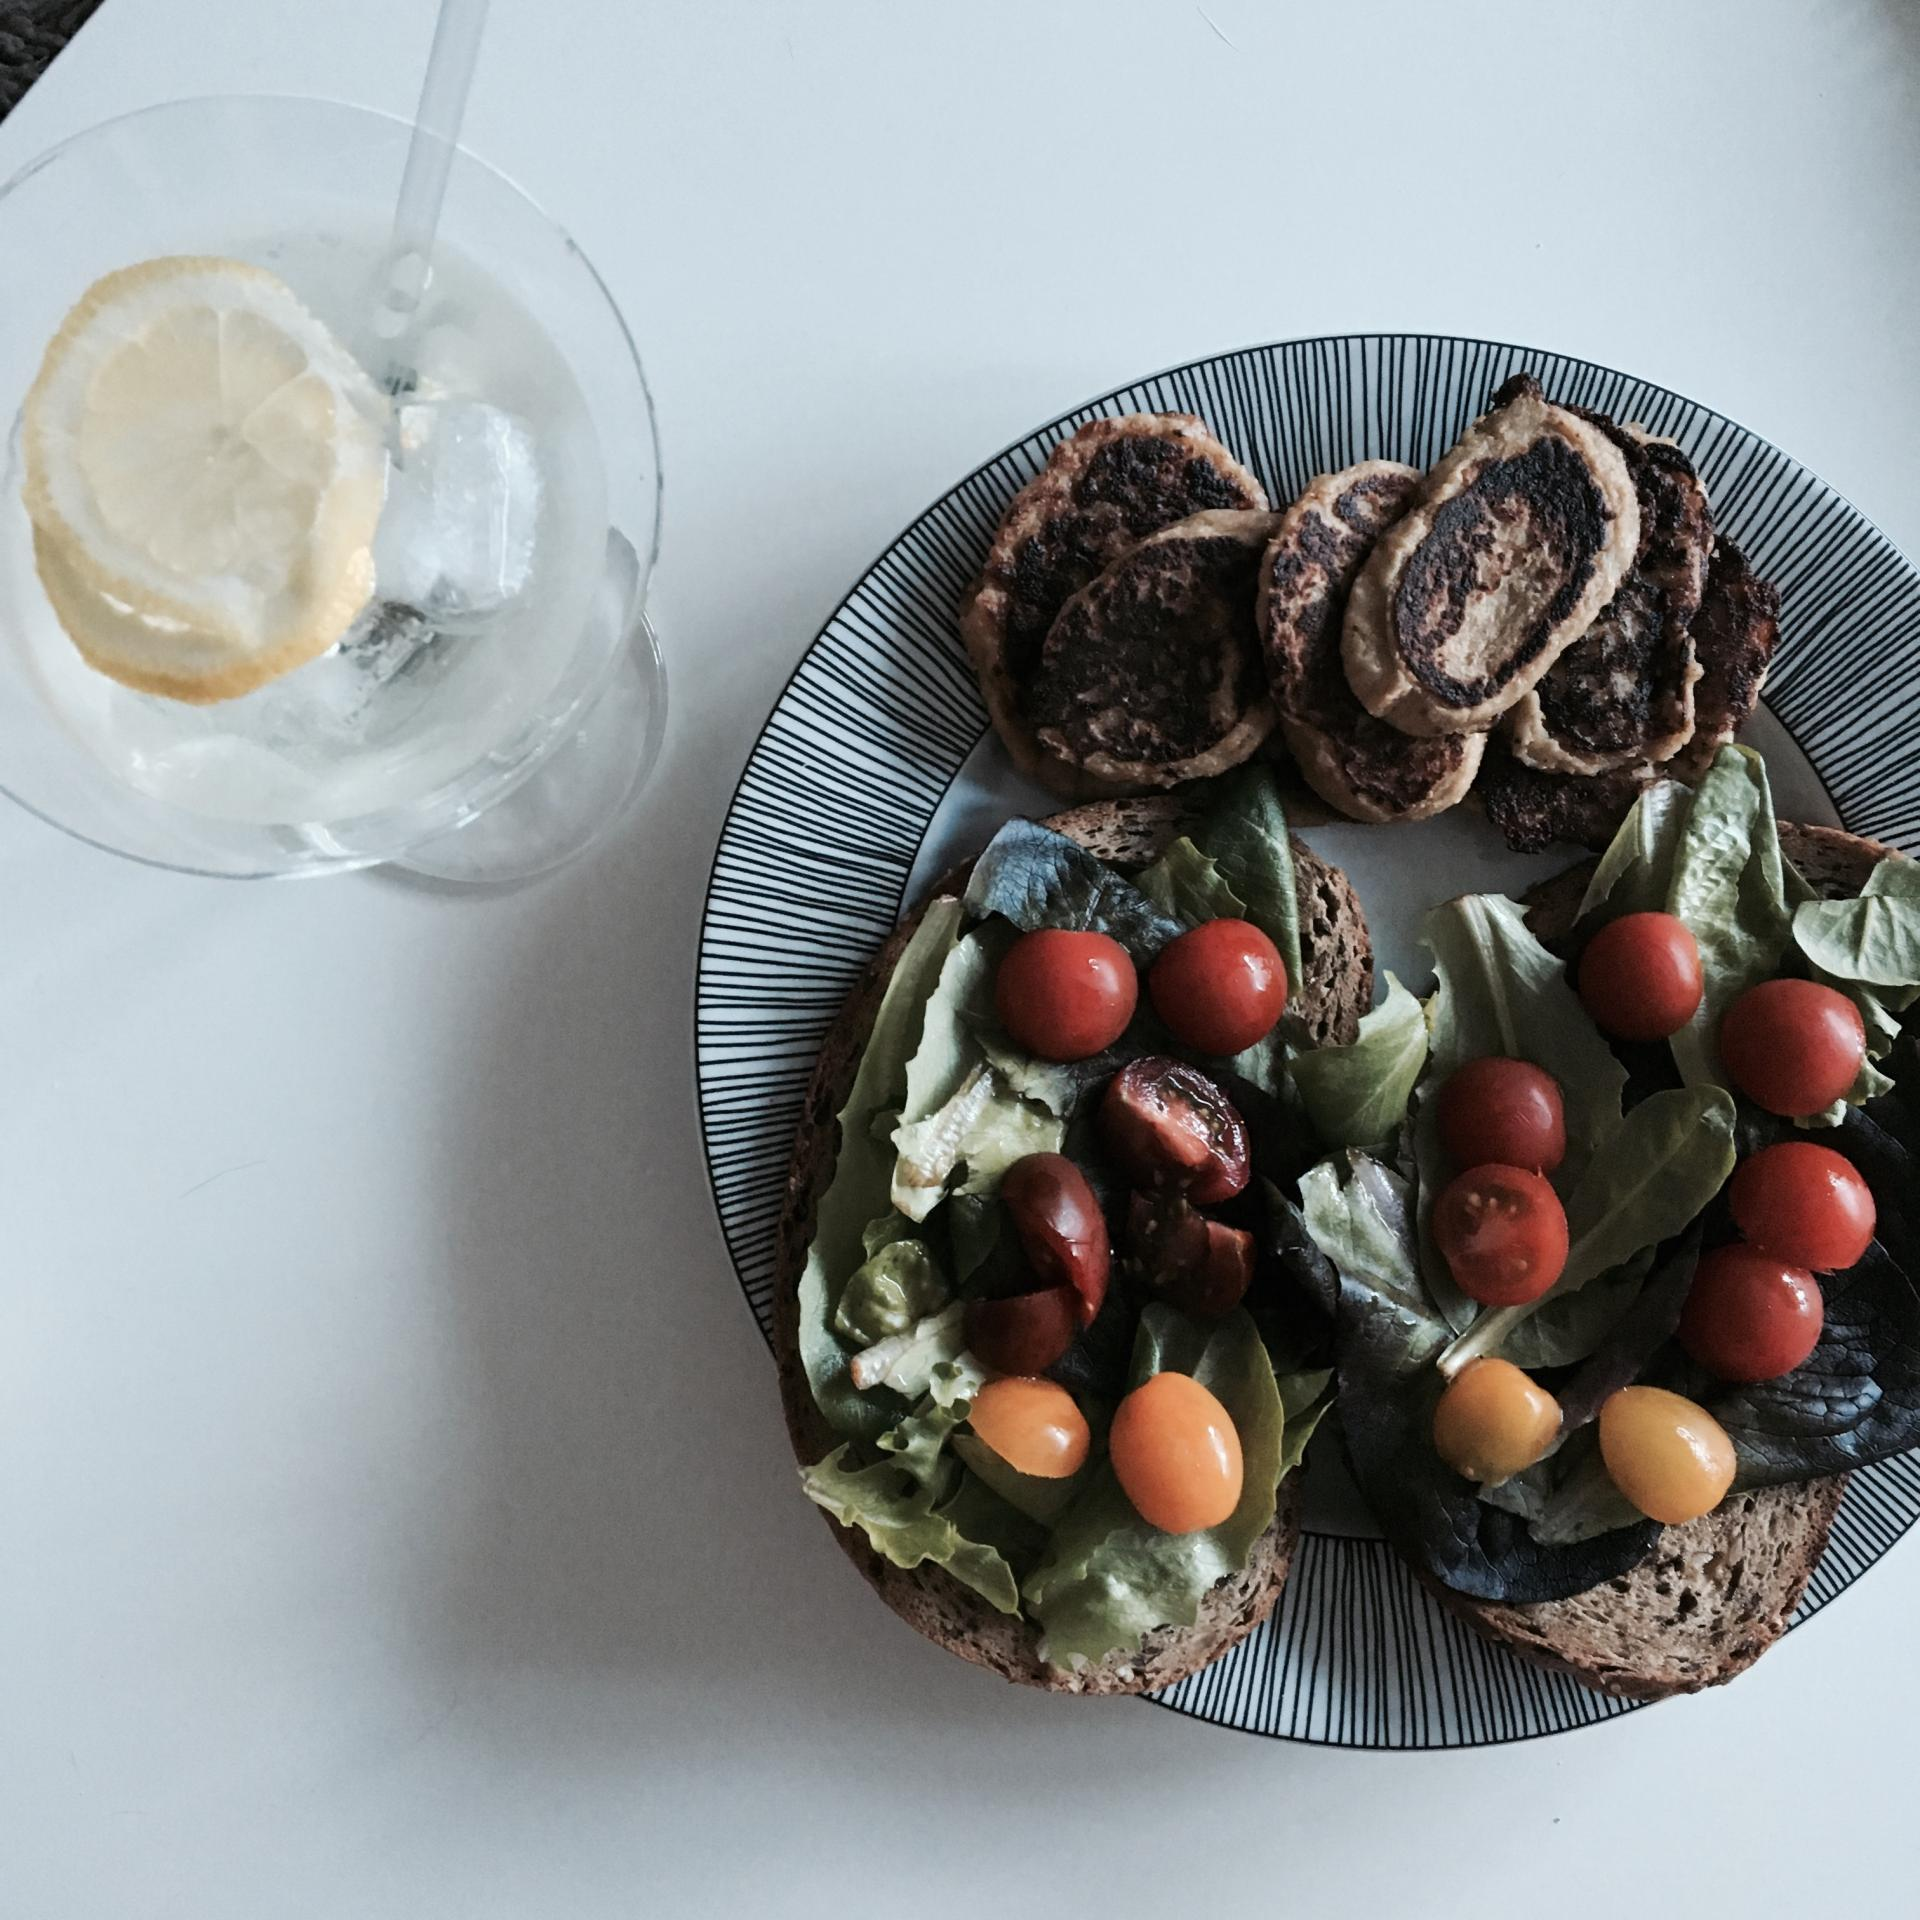 Une semaine dans mon assiette - Défi Vegan 7 jours 16